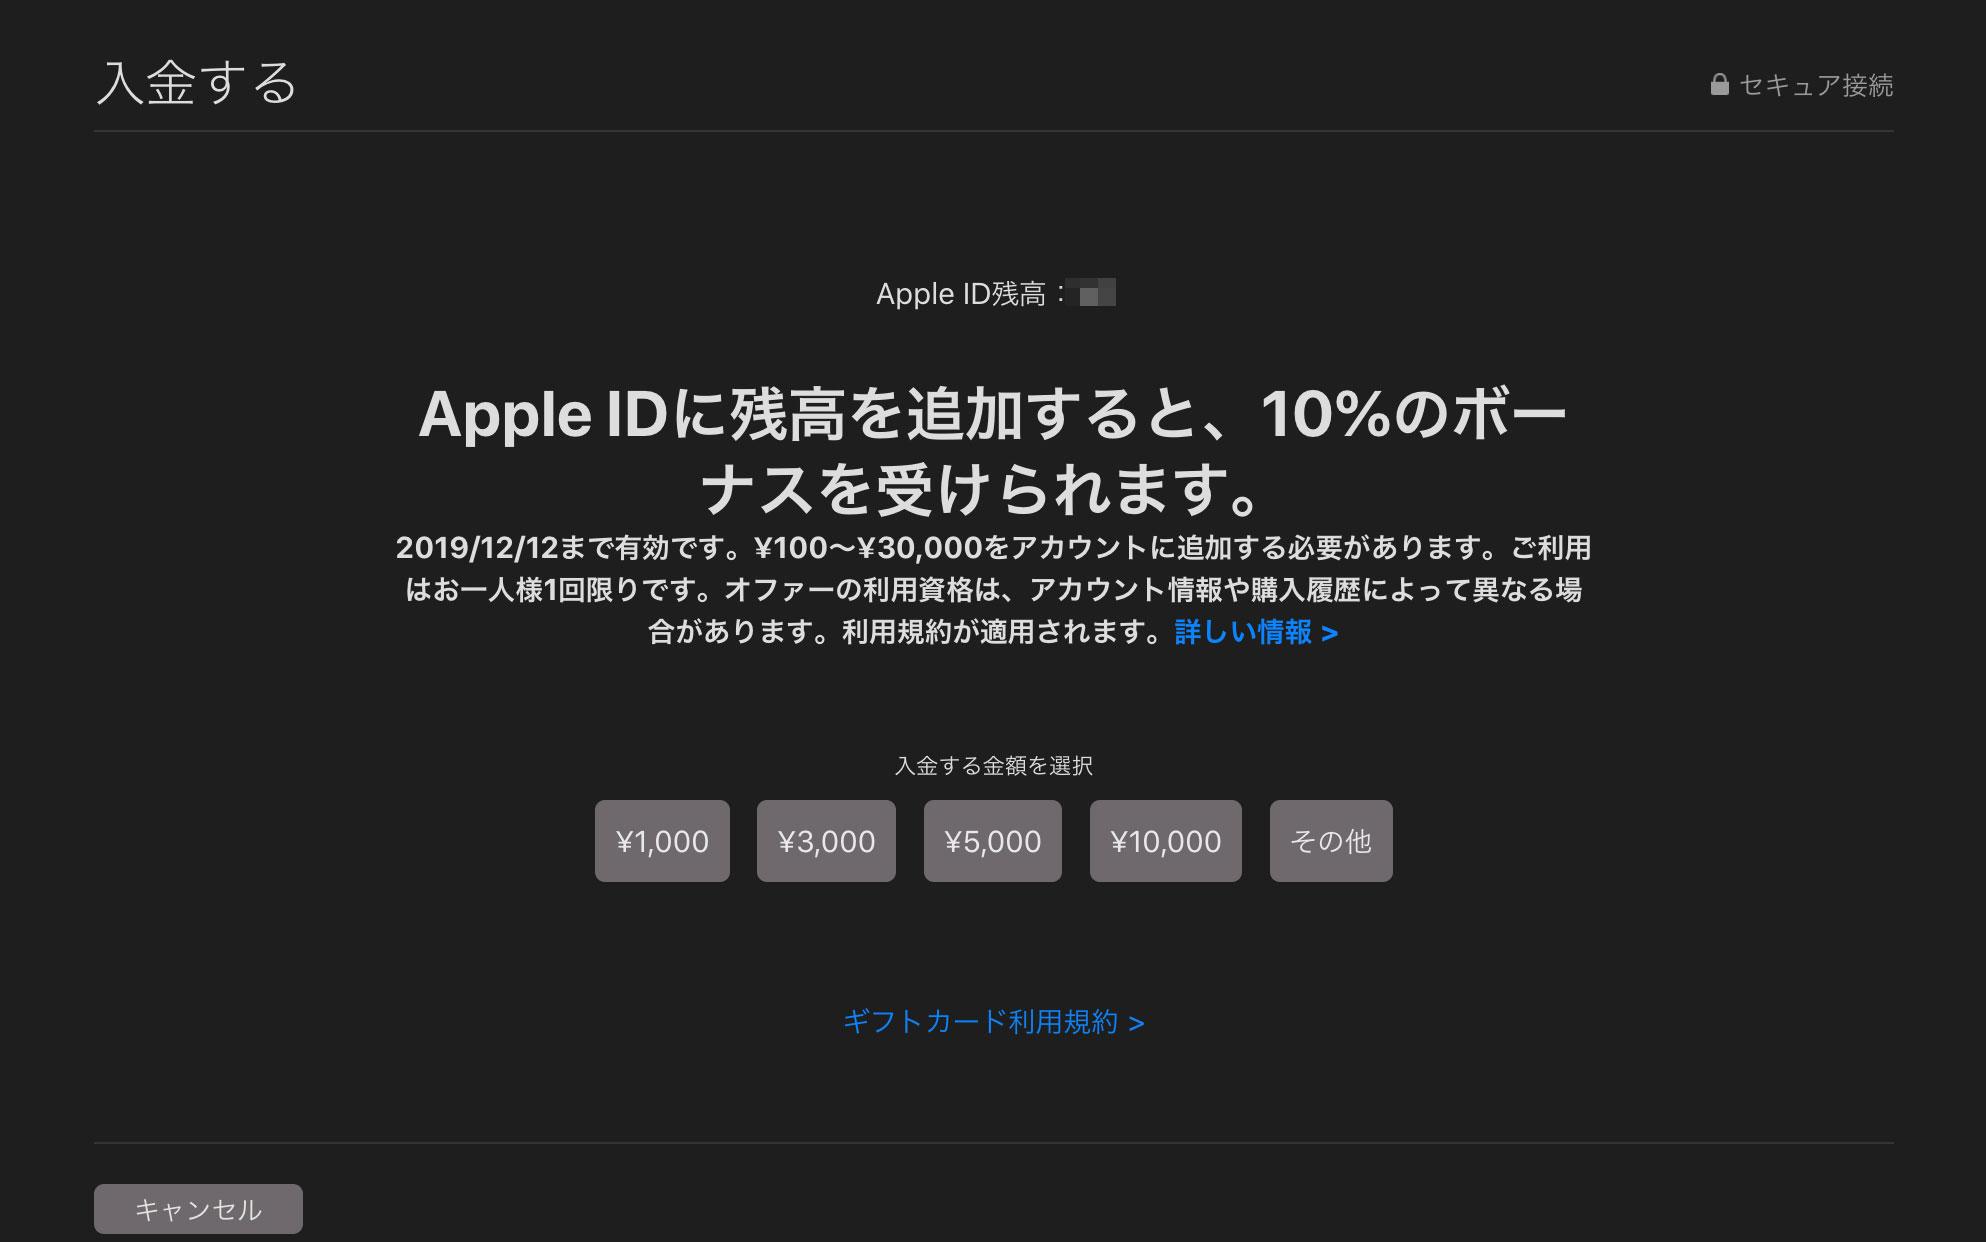 Apple ID に入金すると、10%のボーナスがもらえるキャンペーンが12月12日まで開始中